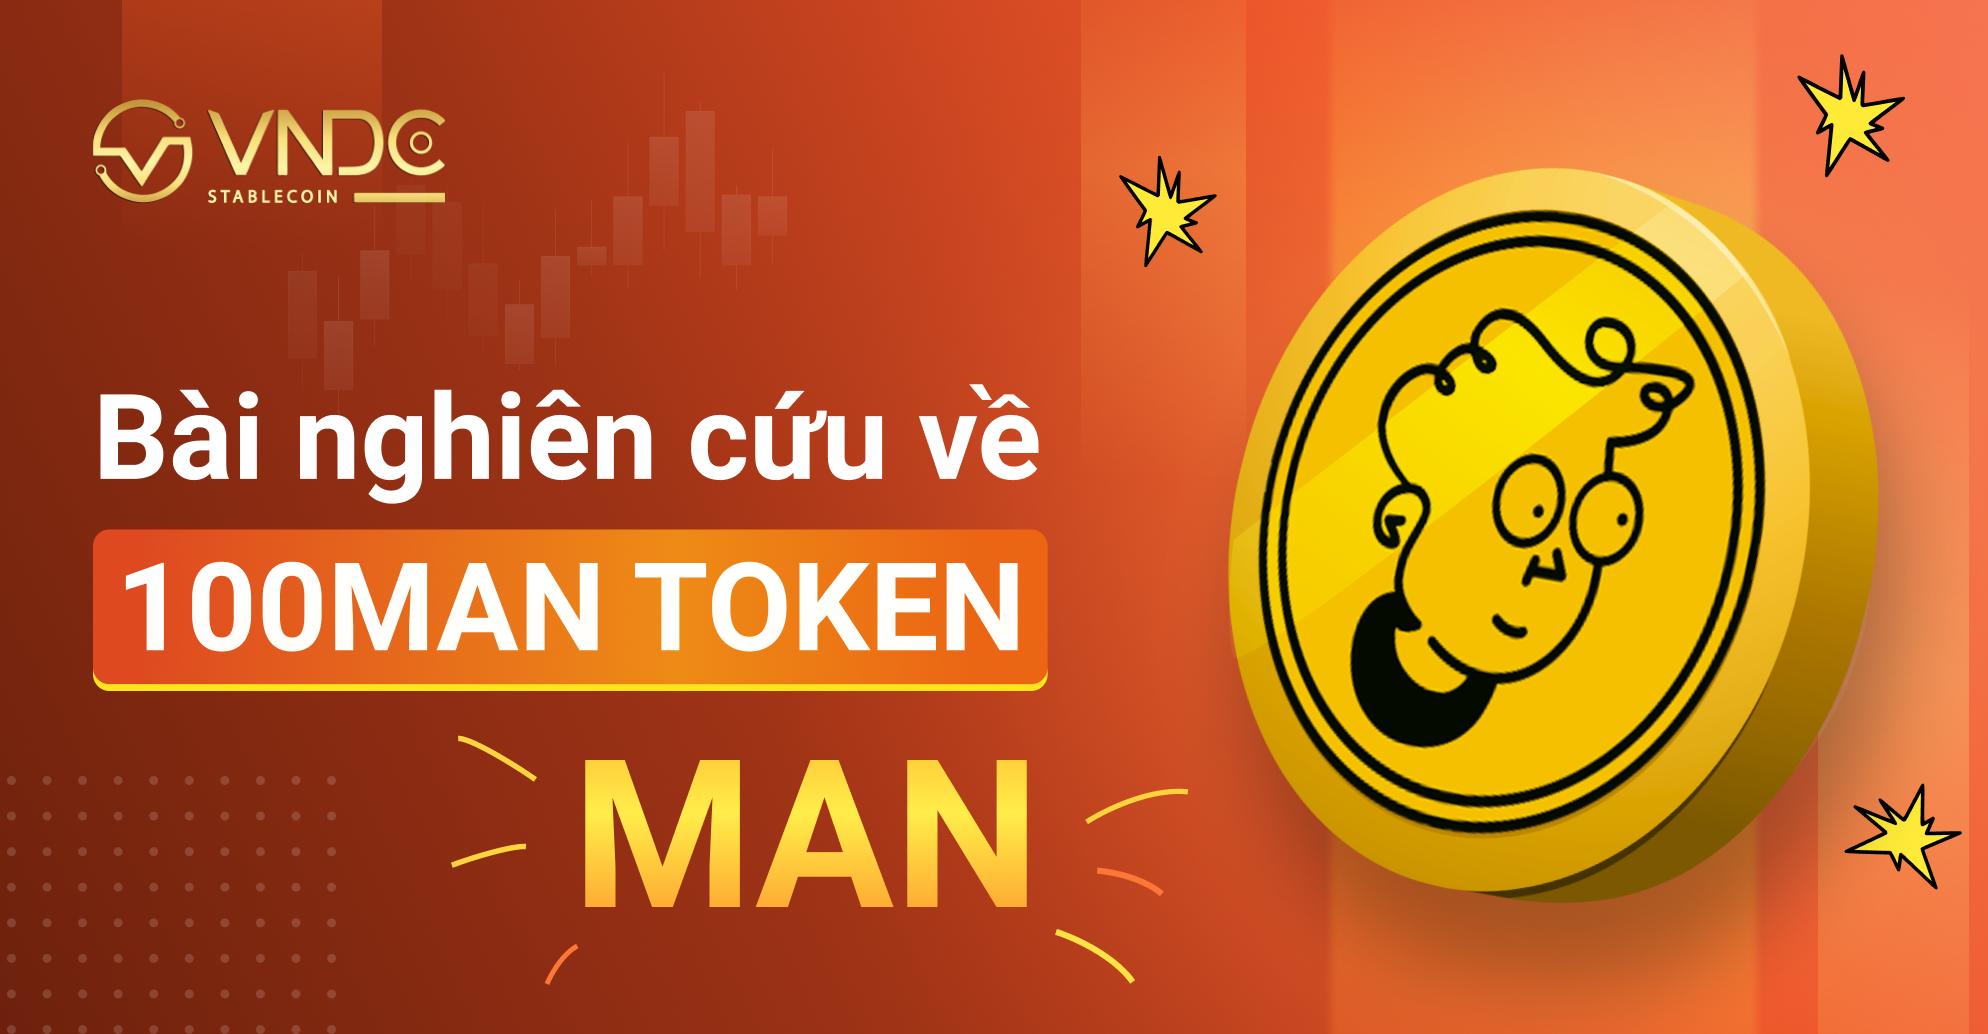 Bài nghiên cứu về 100Man Token (MAN)